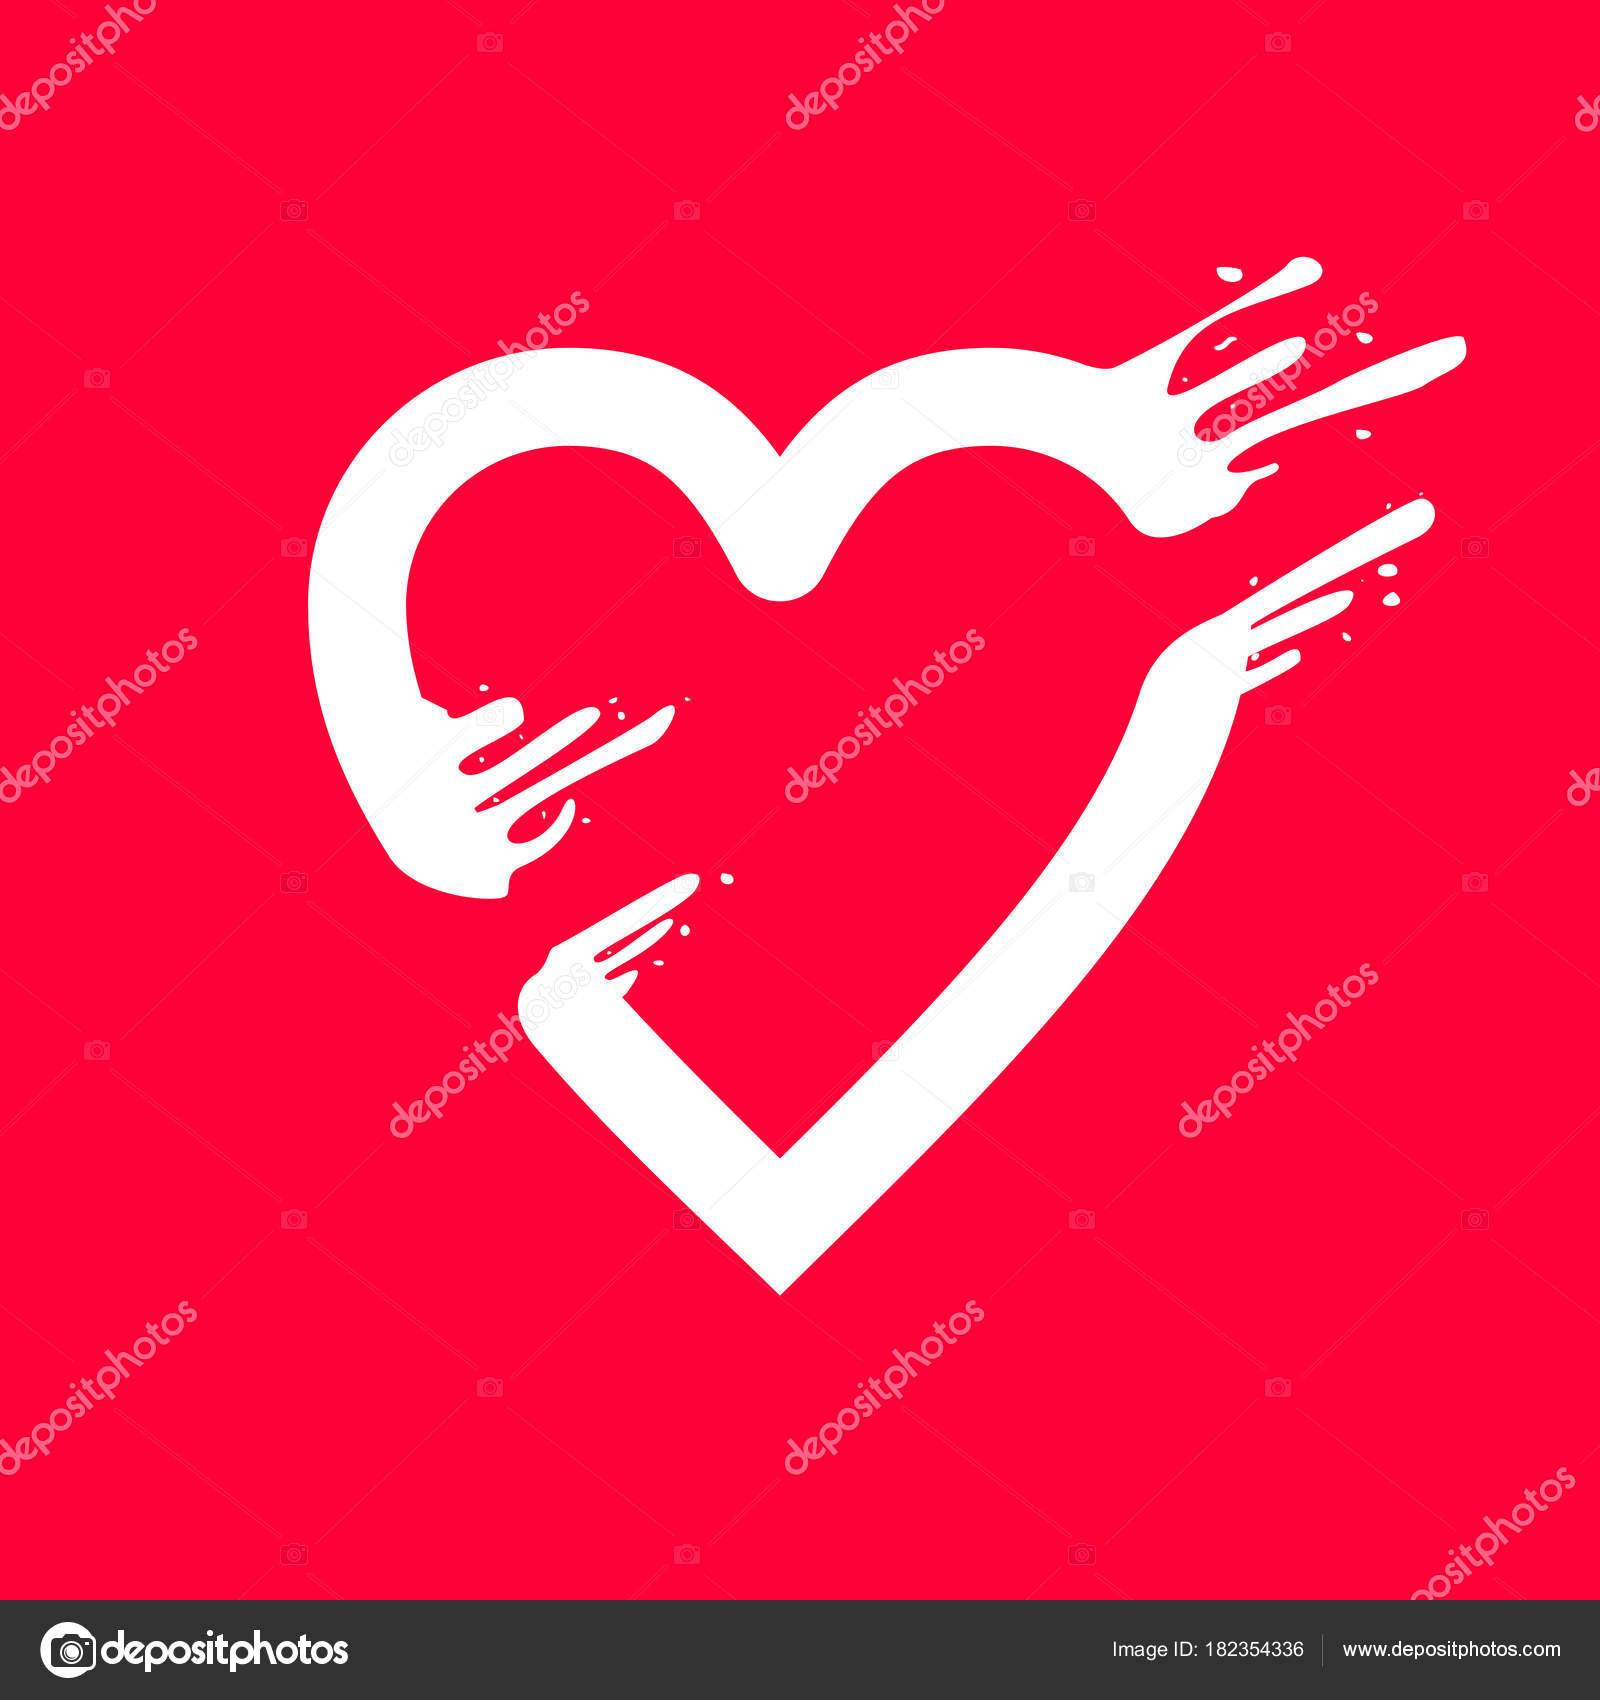 Imágenes Del Corazon Roto Por Amor Corazón Atravesado Por